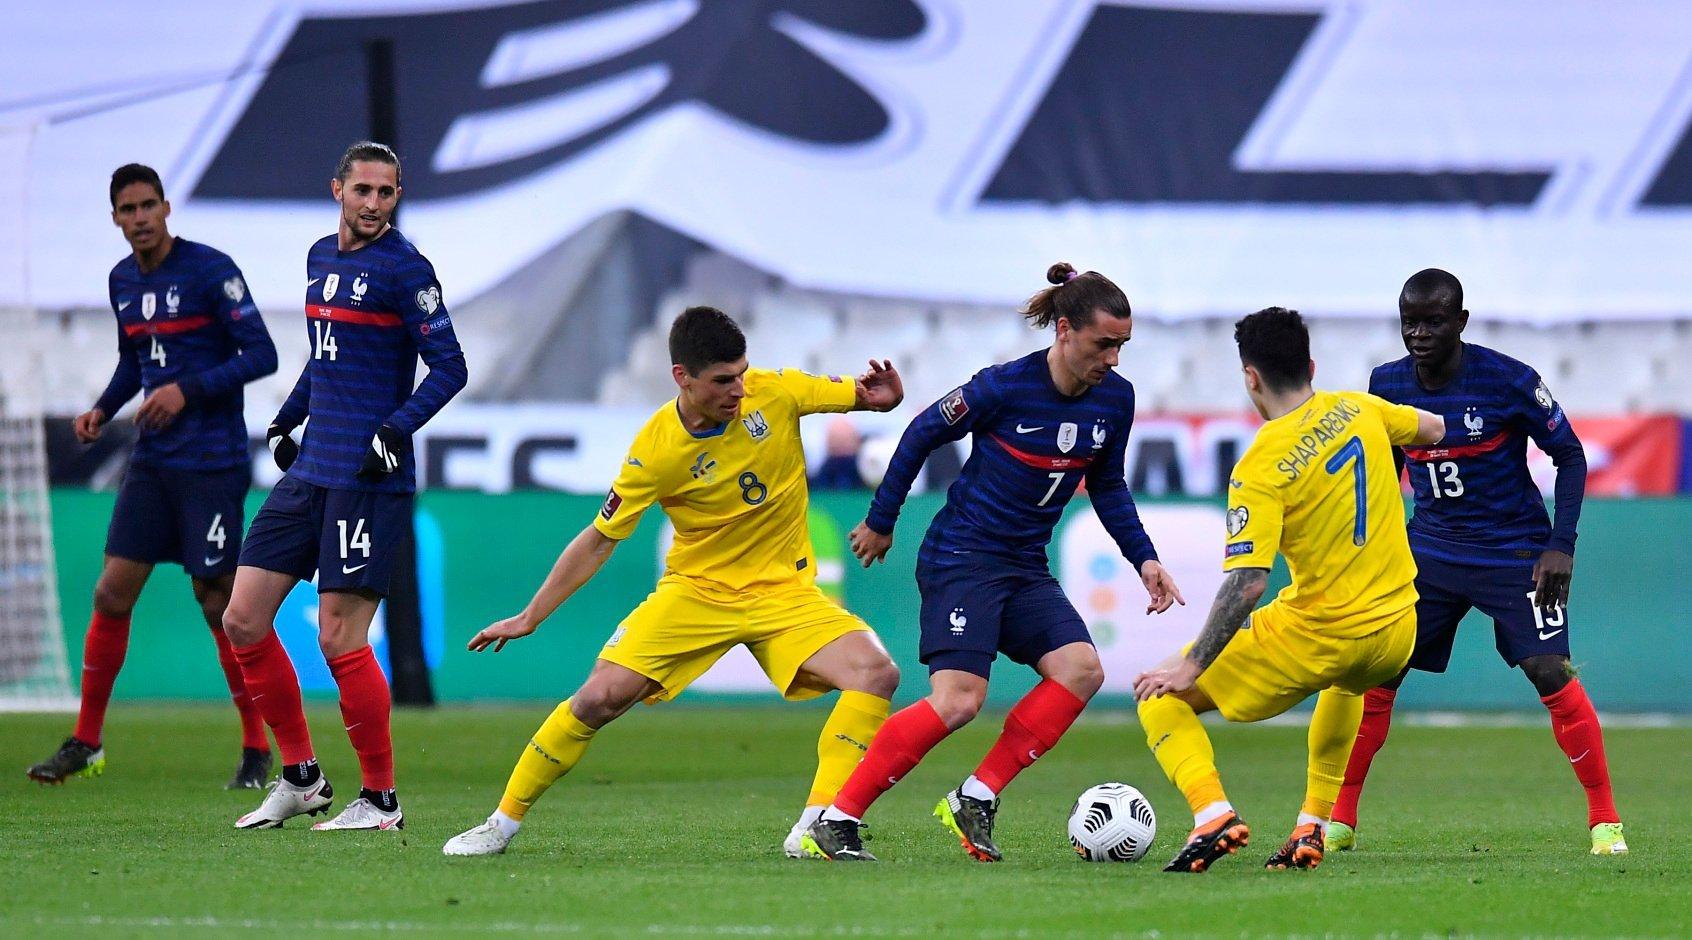 Франция - Украина в цифрах WyScout: сюрприз Шевченко, плотная оборона и голы в стиле FIFA 21 - изображение 7